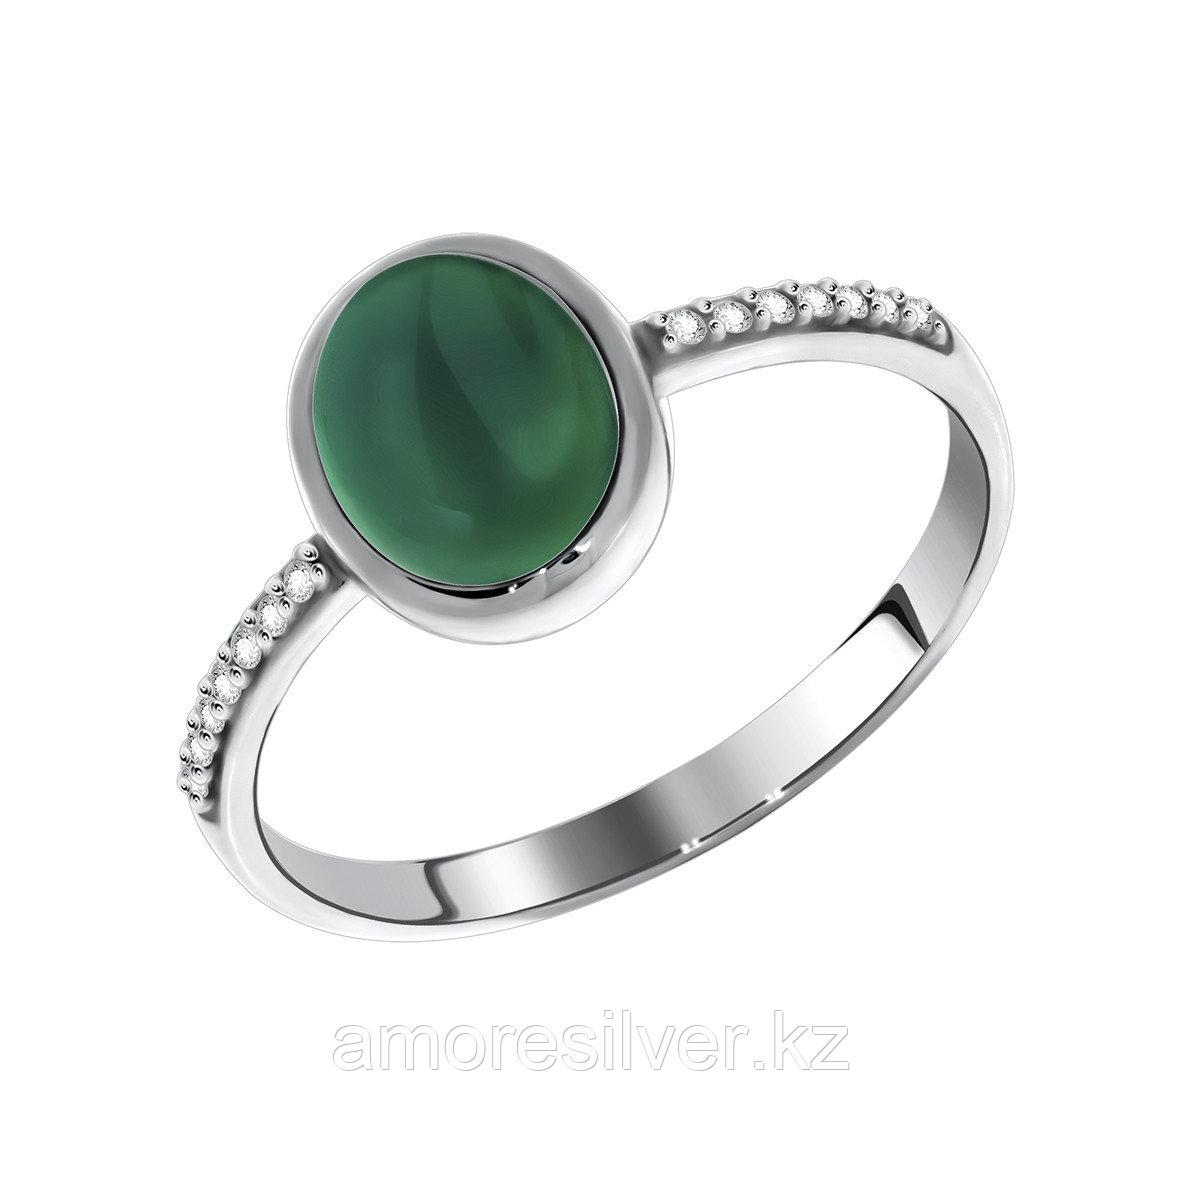 Кольцо Сидоровская ювелирная фабрика серебро с родием, агат зеленый фианит, круг 1340390368л-60 размеры - 17,5